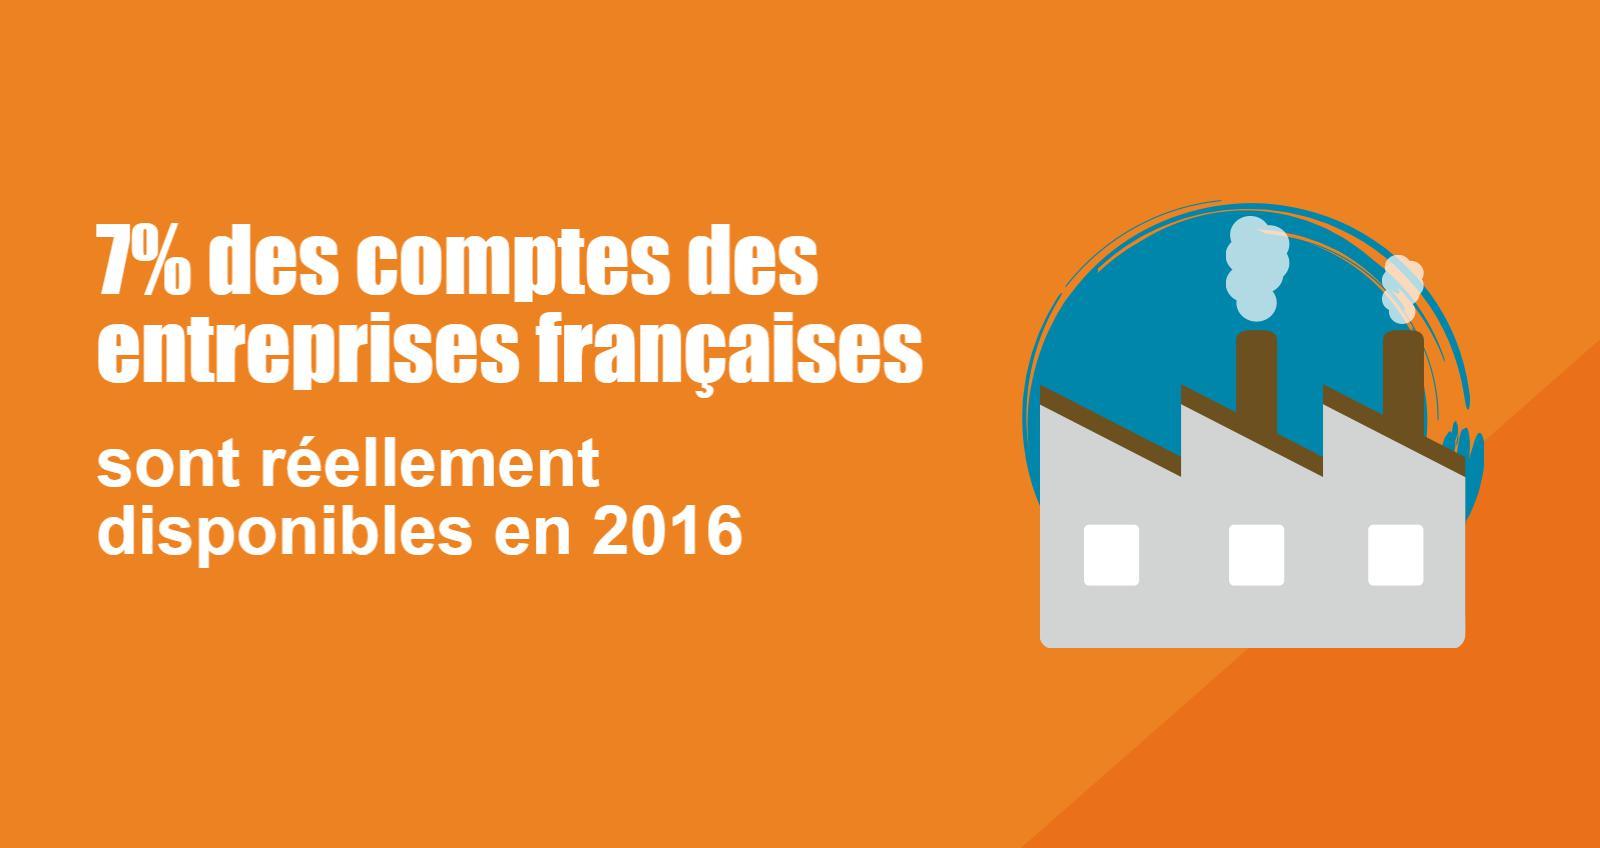 7% des comptes des entreprises françaises sont réellement disponibles en 2016